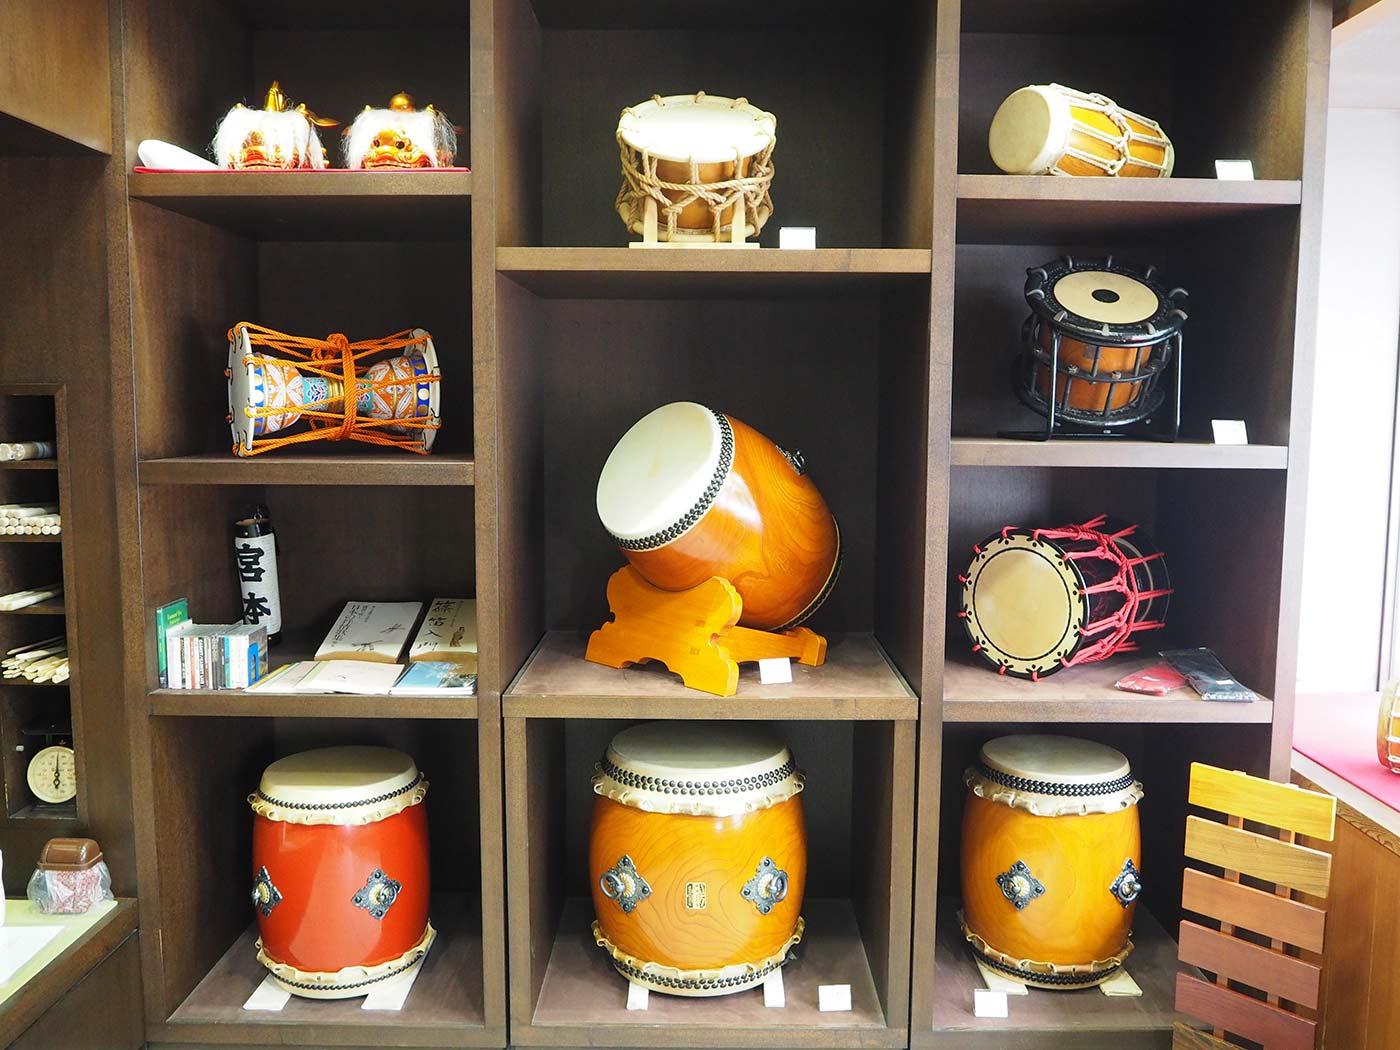 長胴太鼓は一般的な和太鼓で、桶締太鼓は長胴太鼓に比べ軽く、紐の締め具合で音が調節できる